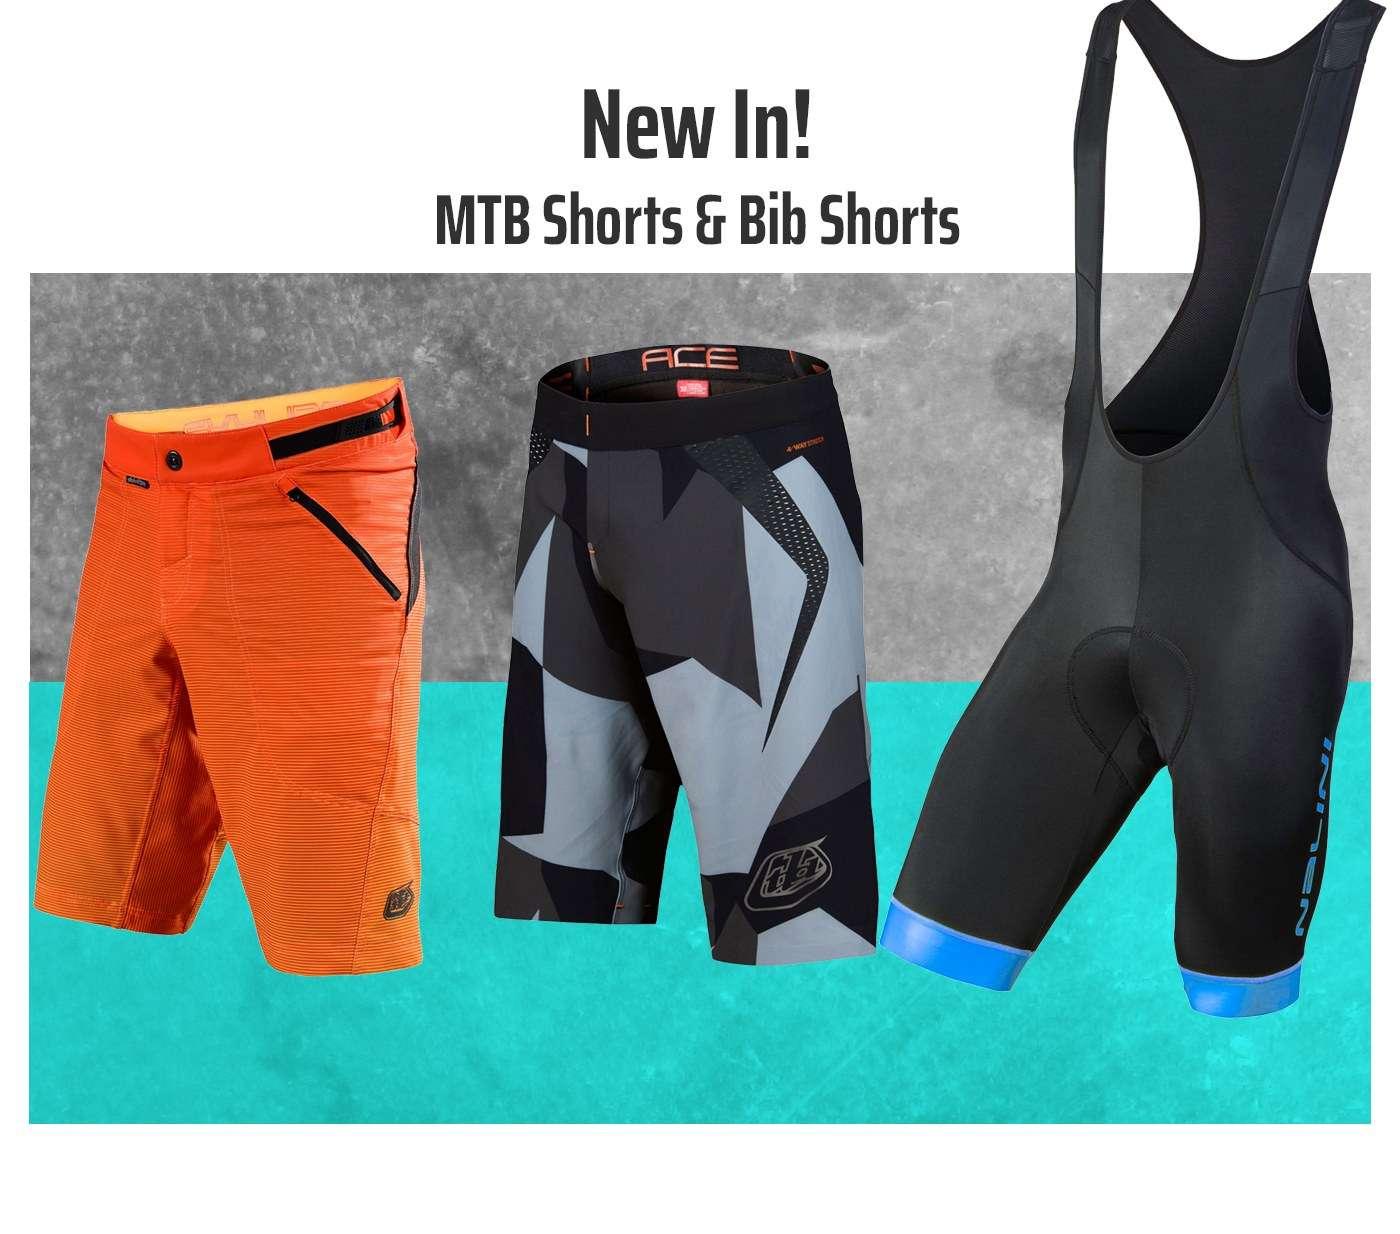 New In! MTB Shorts & Bib Shorts